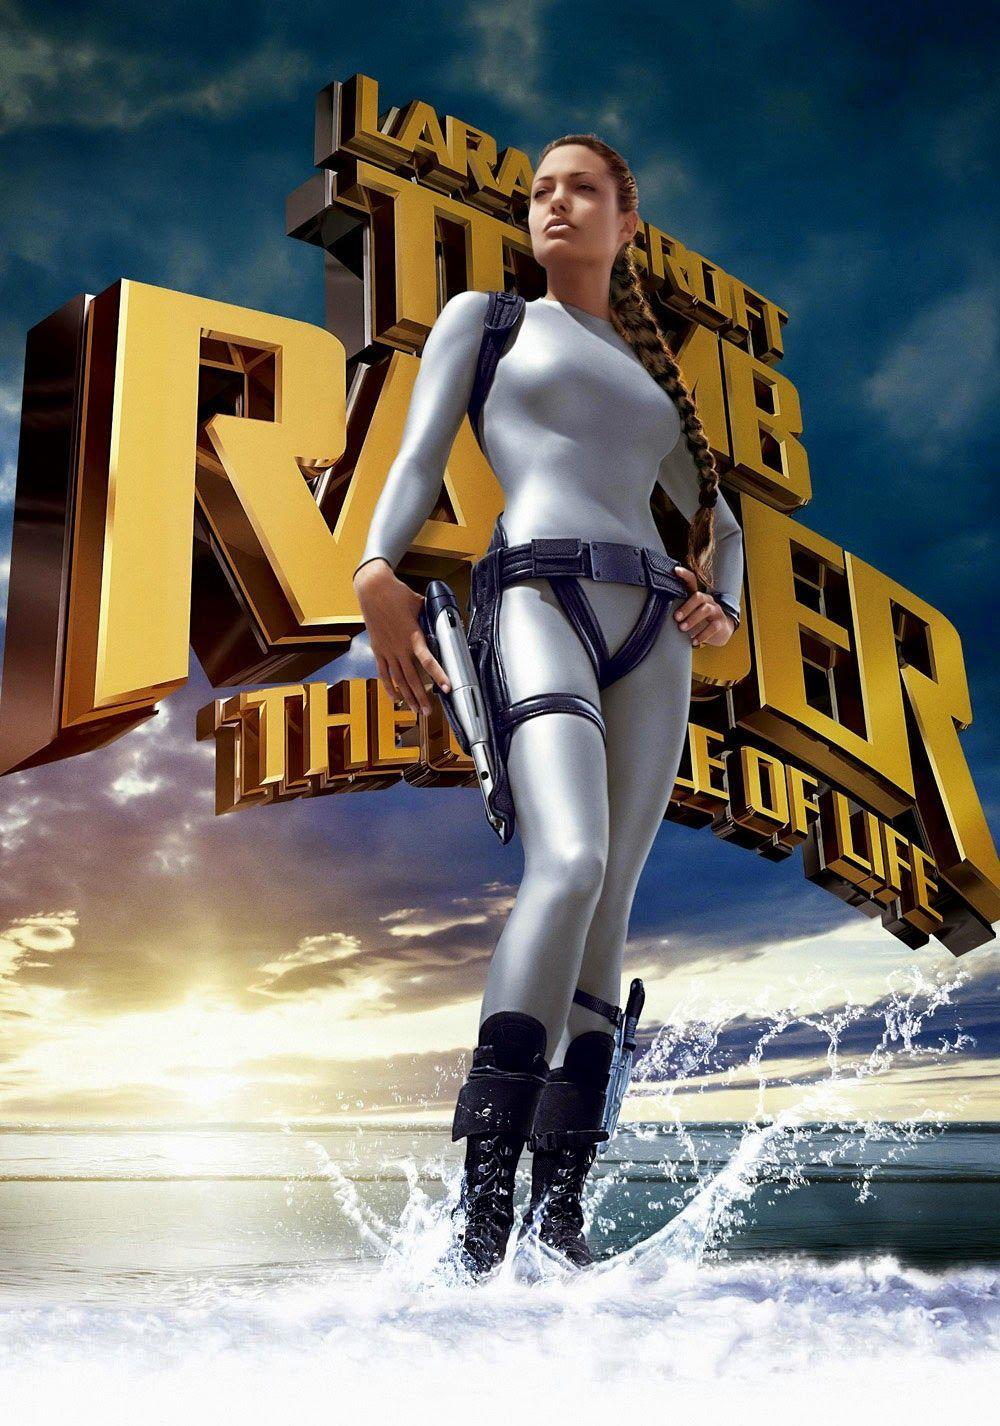 207 Lara Croft Tomb Raider La Cuna De La Vida 2003 01 03 15 4 5 De Sobretaula De Diumenge Lara Croft Seen Til Schweiger